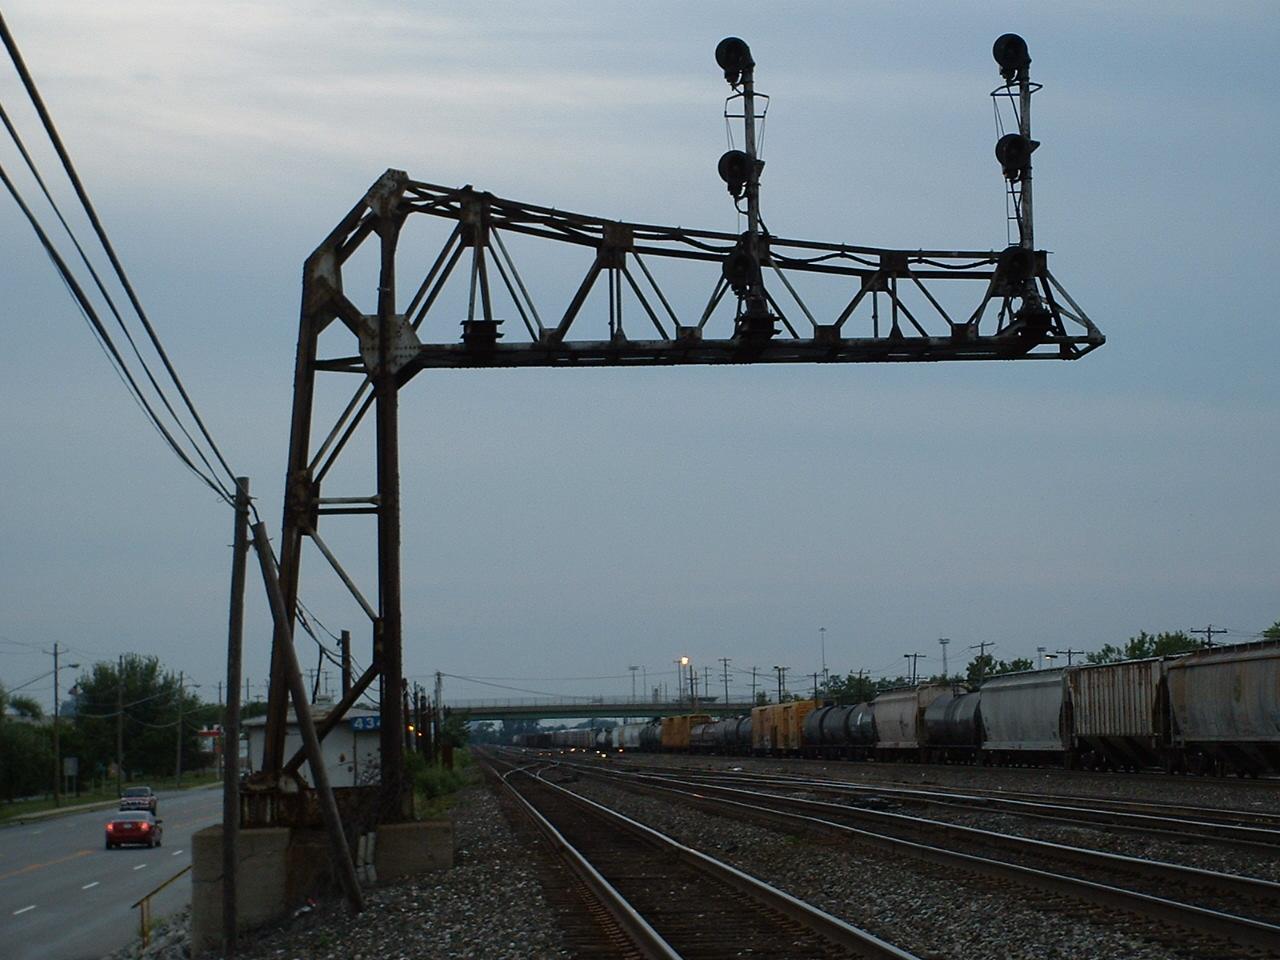 railroad signal bridges